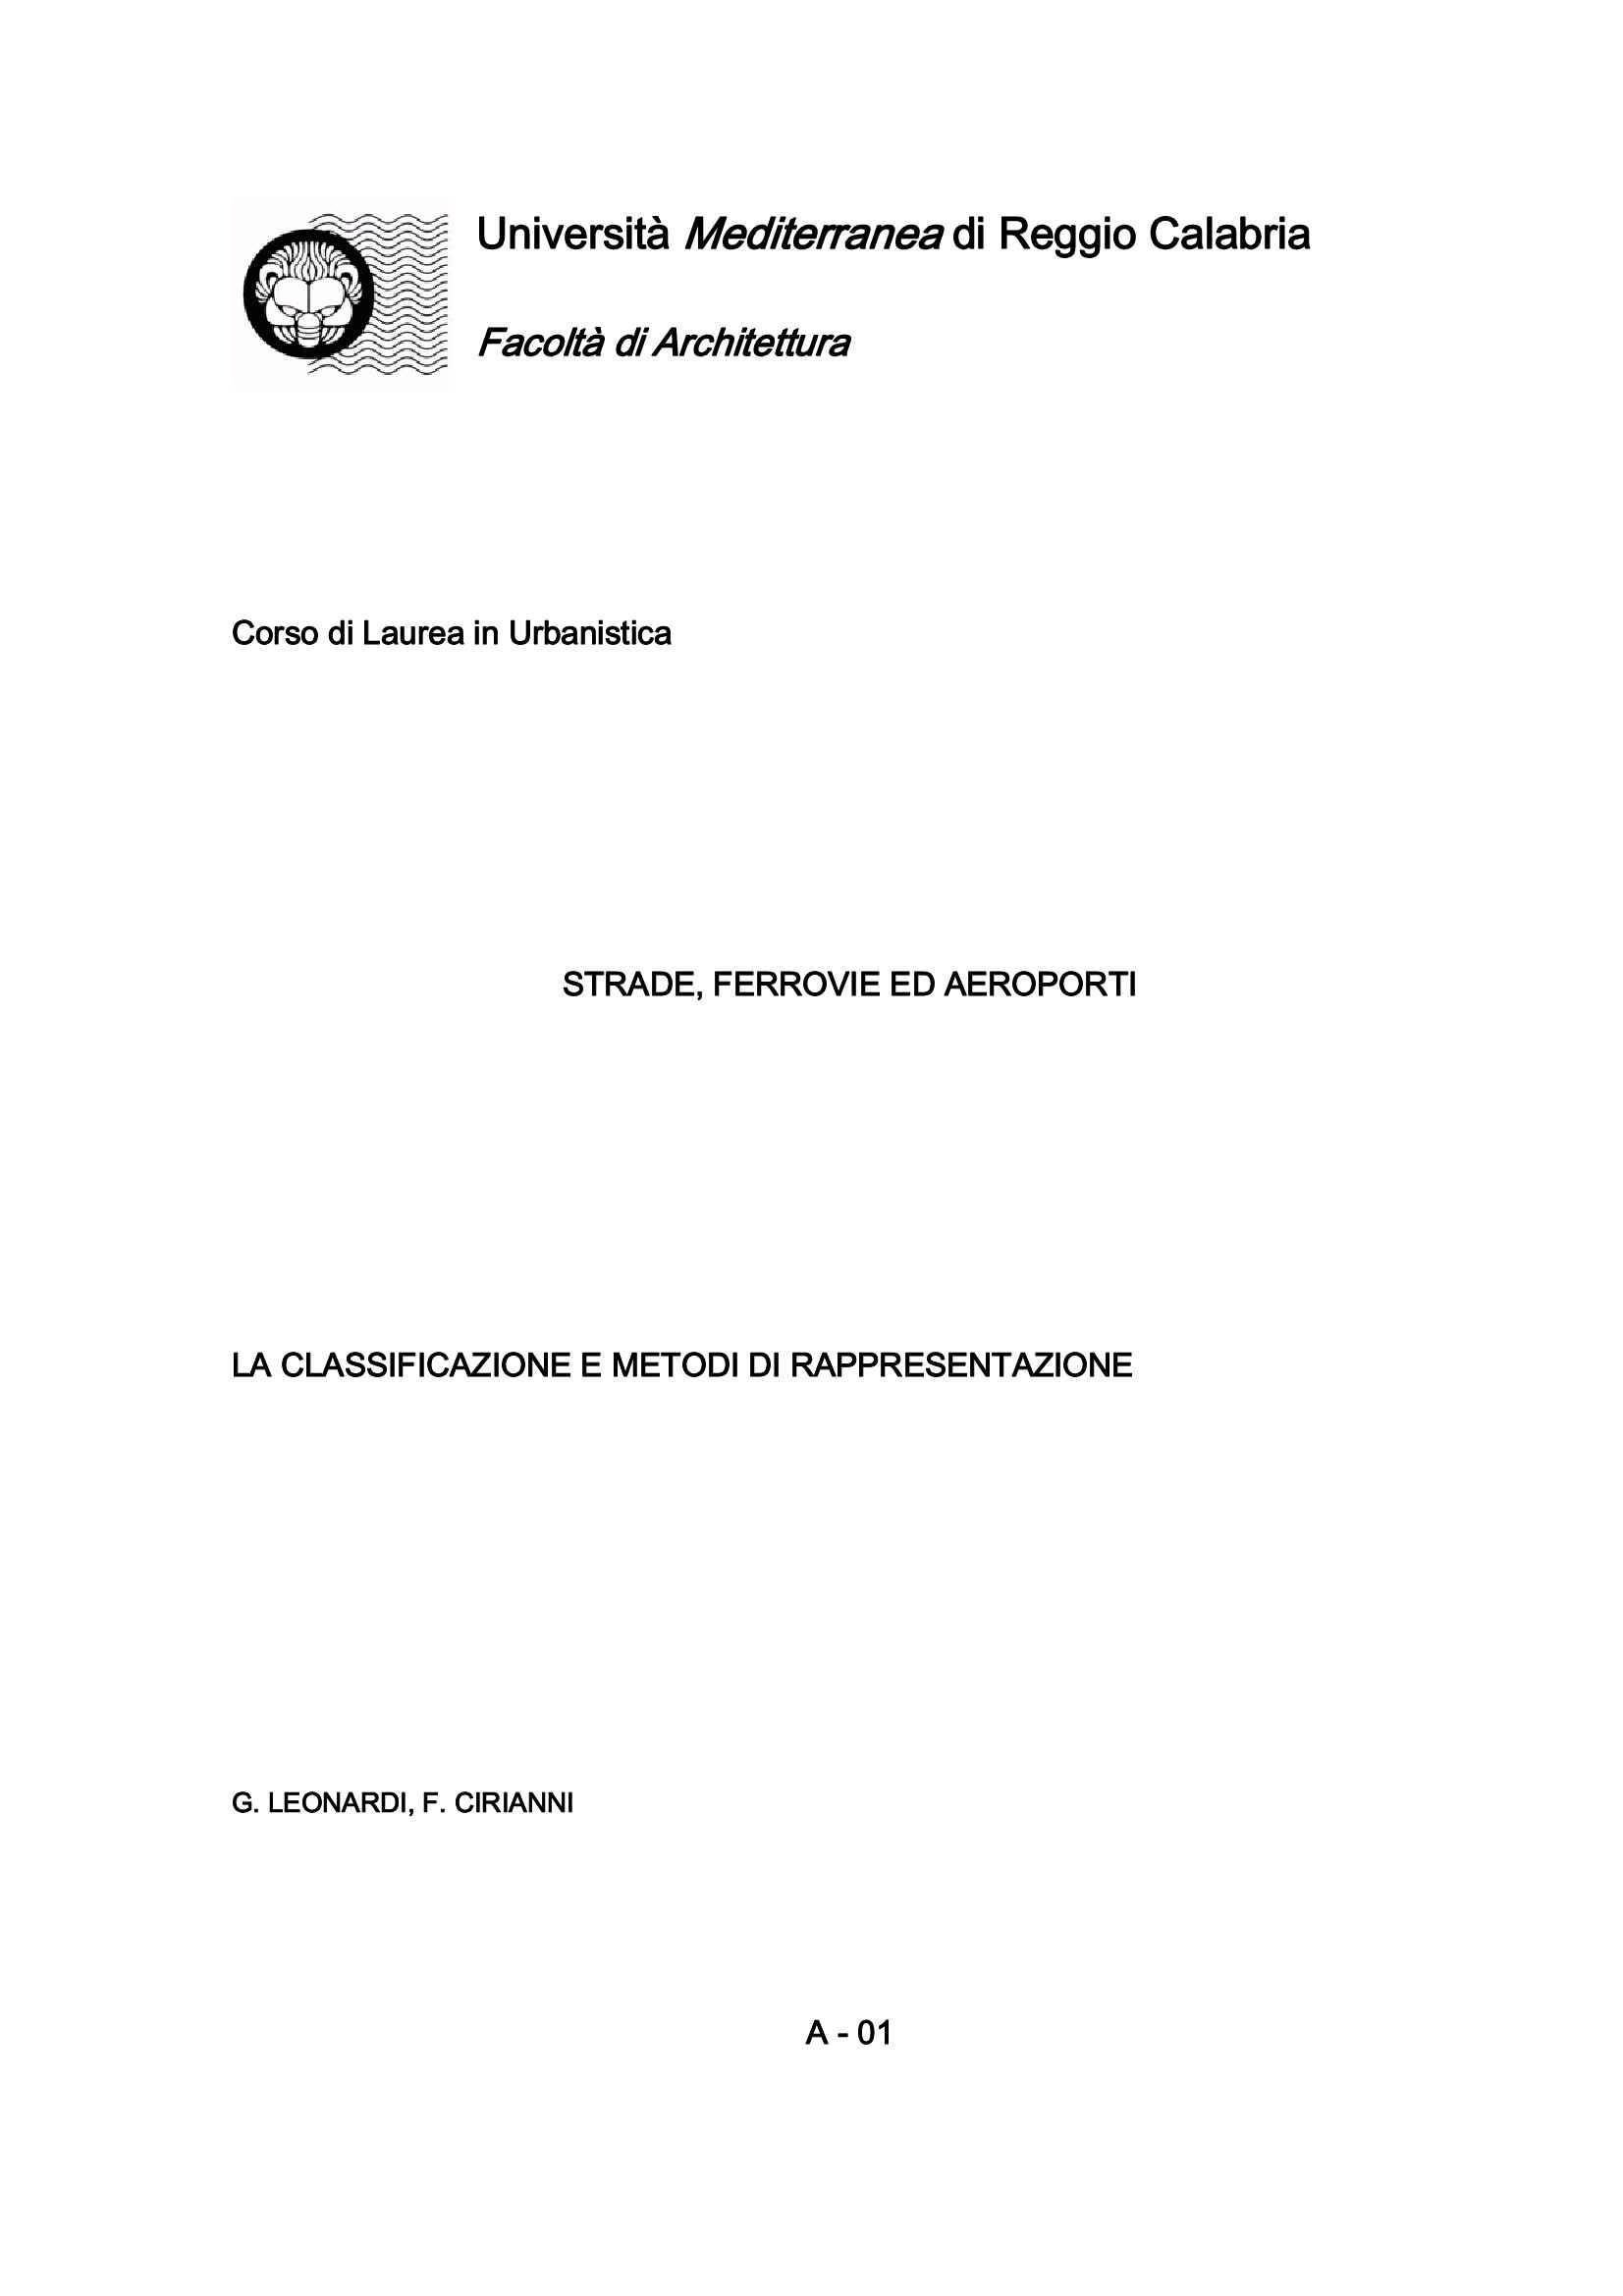 Rappresentazione - Classificazione e metodi